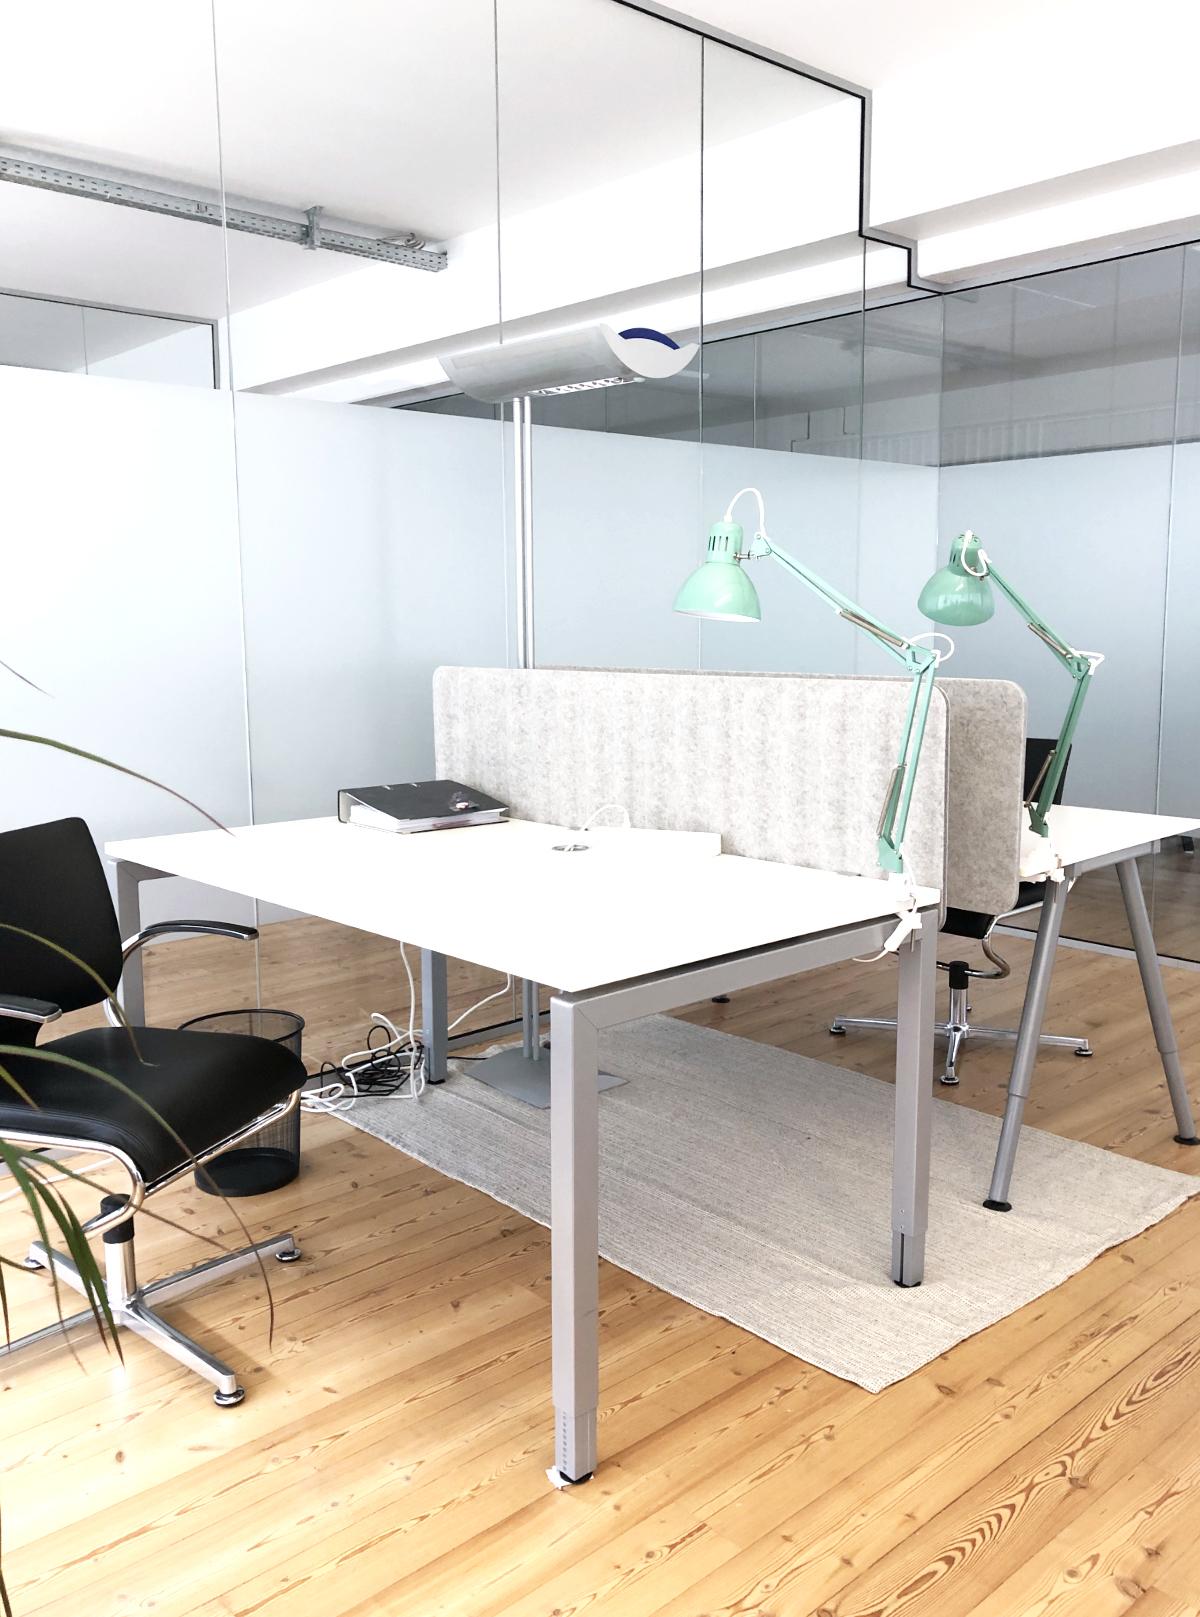 Work Kontor Coworking Ahrensburg Fix Desk Arbeitsplatz im Gemeinschaftsbüro